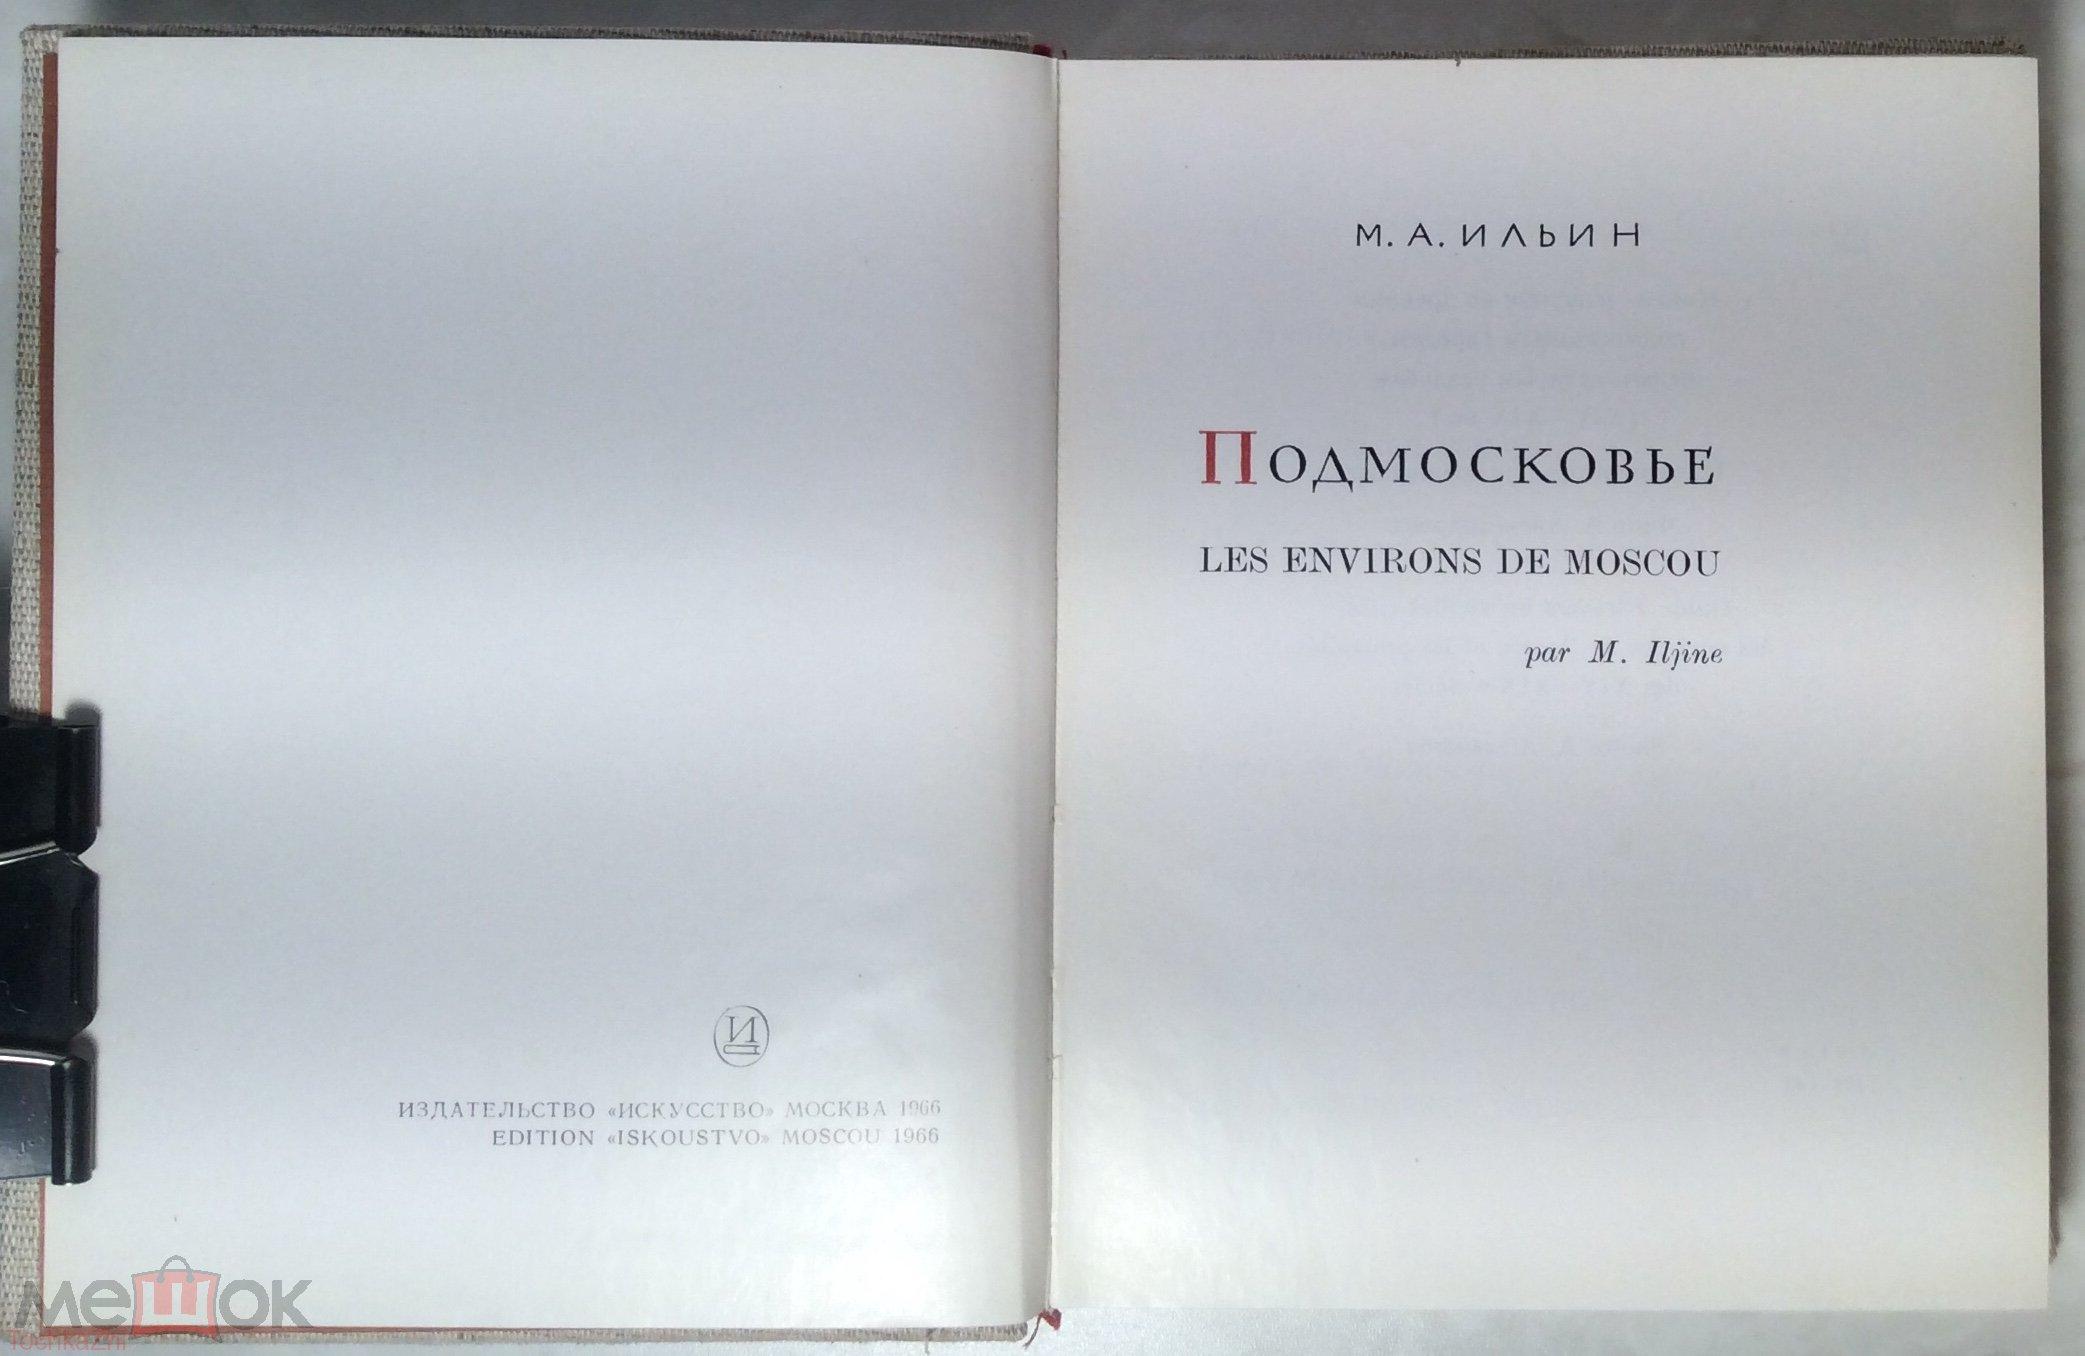 Ильин М.А. Подмосковье. Книга-спутник по древним подмосковным городам, селам и старым усадьбам.